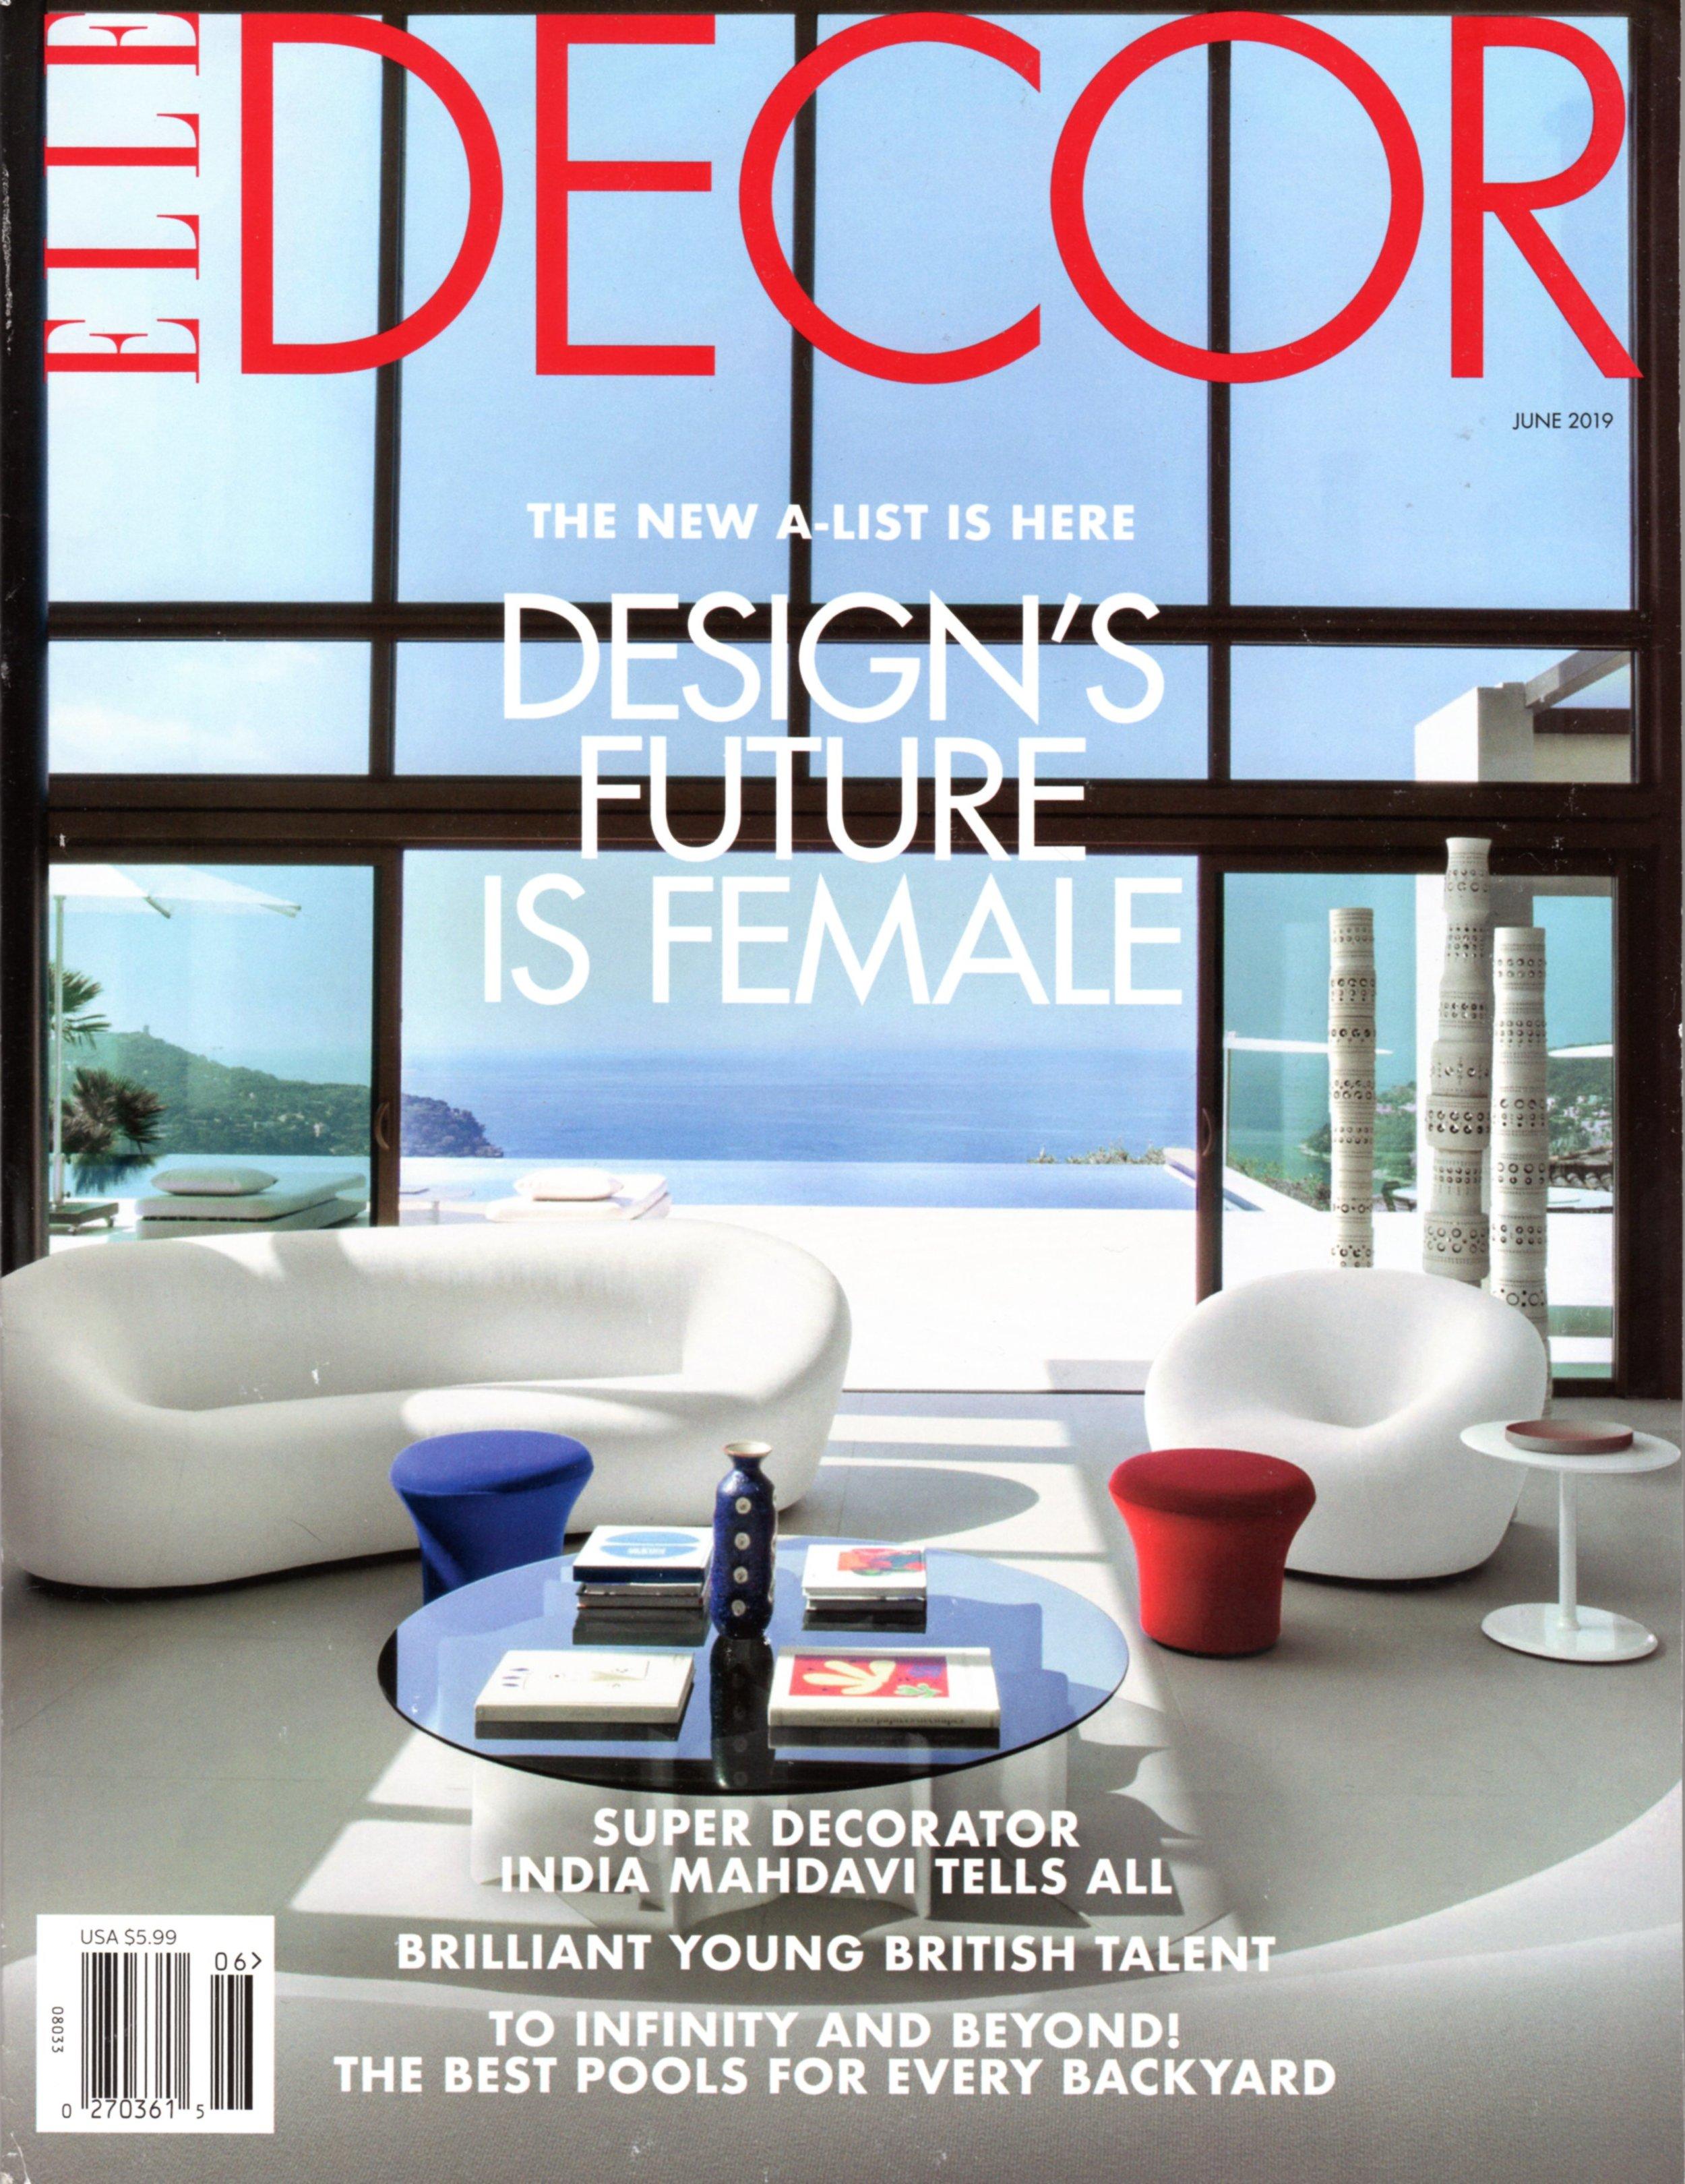 Elle Decor June 2019 cover.jpg